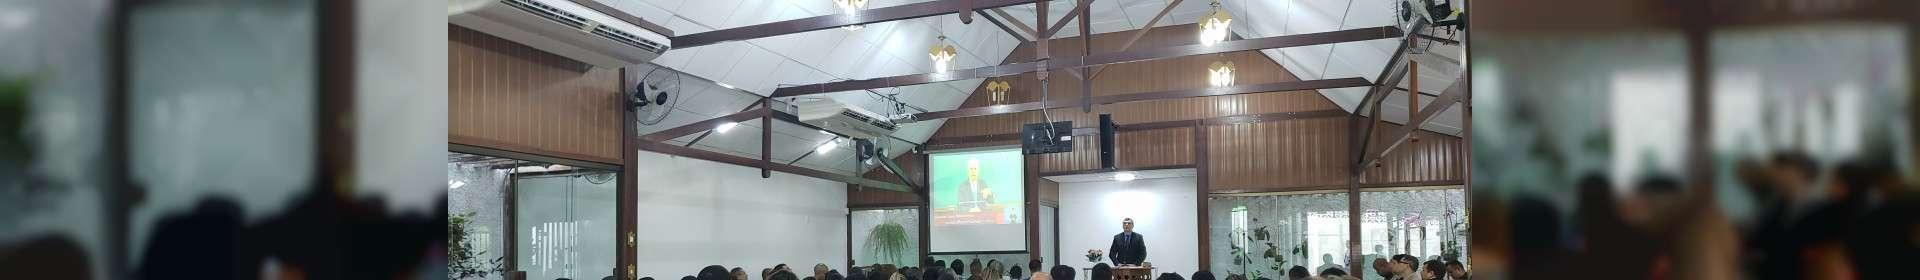 Participação na Escola Bíblica Dominical em todo o Brasil